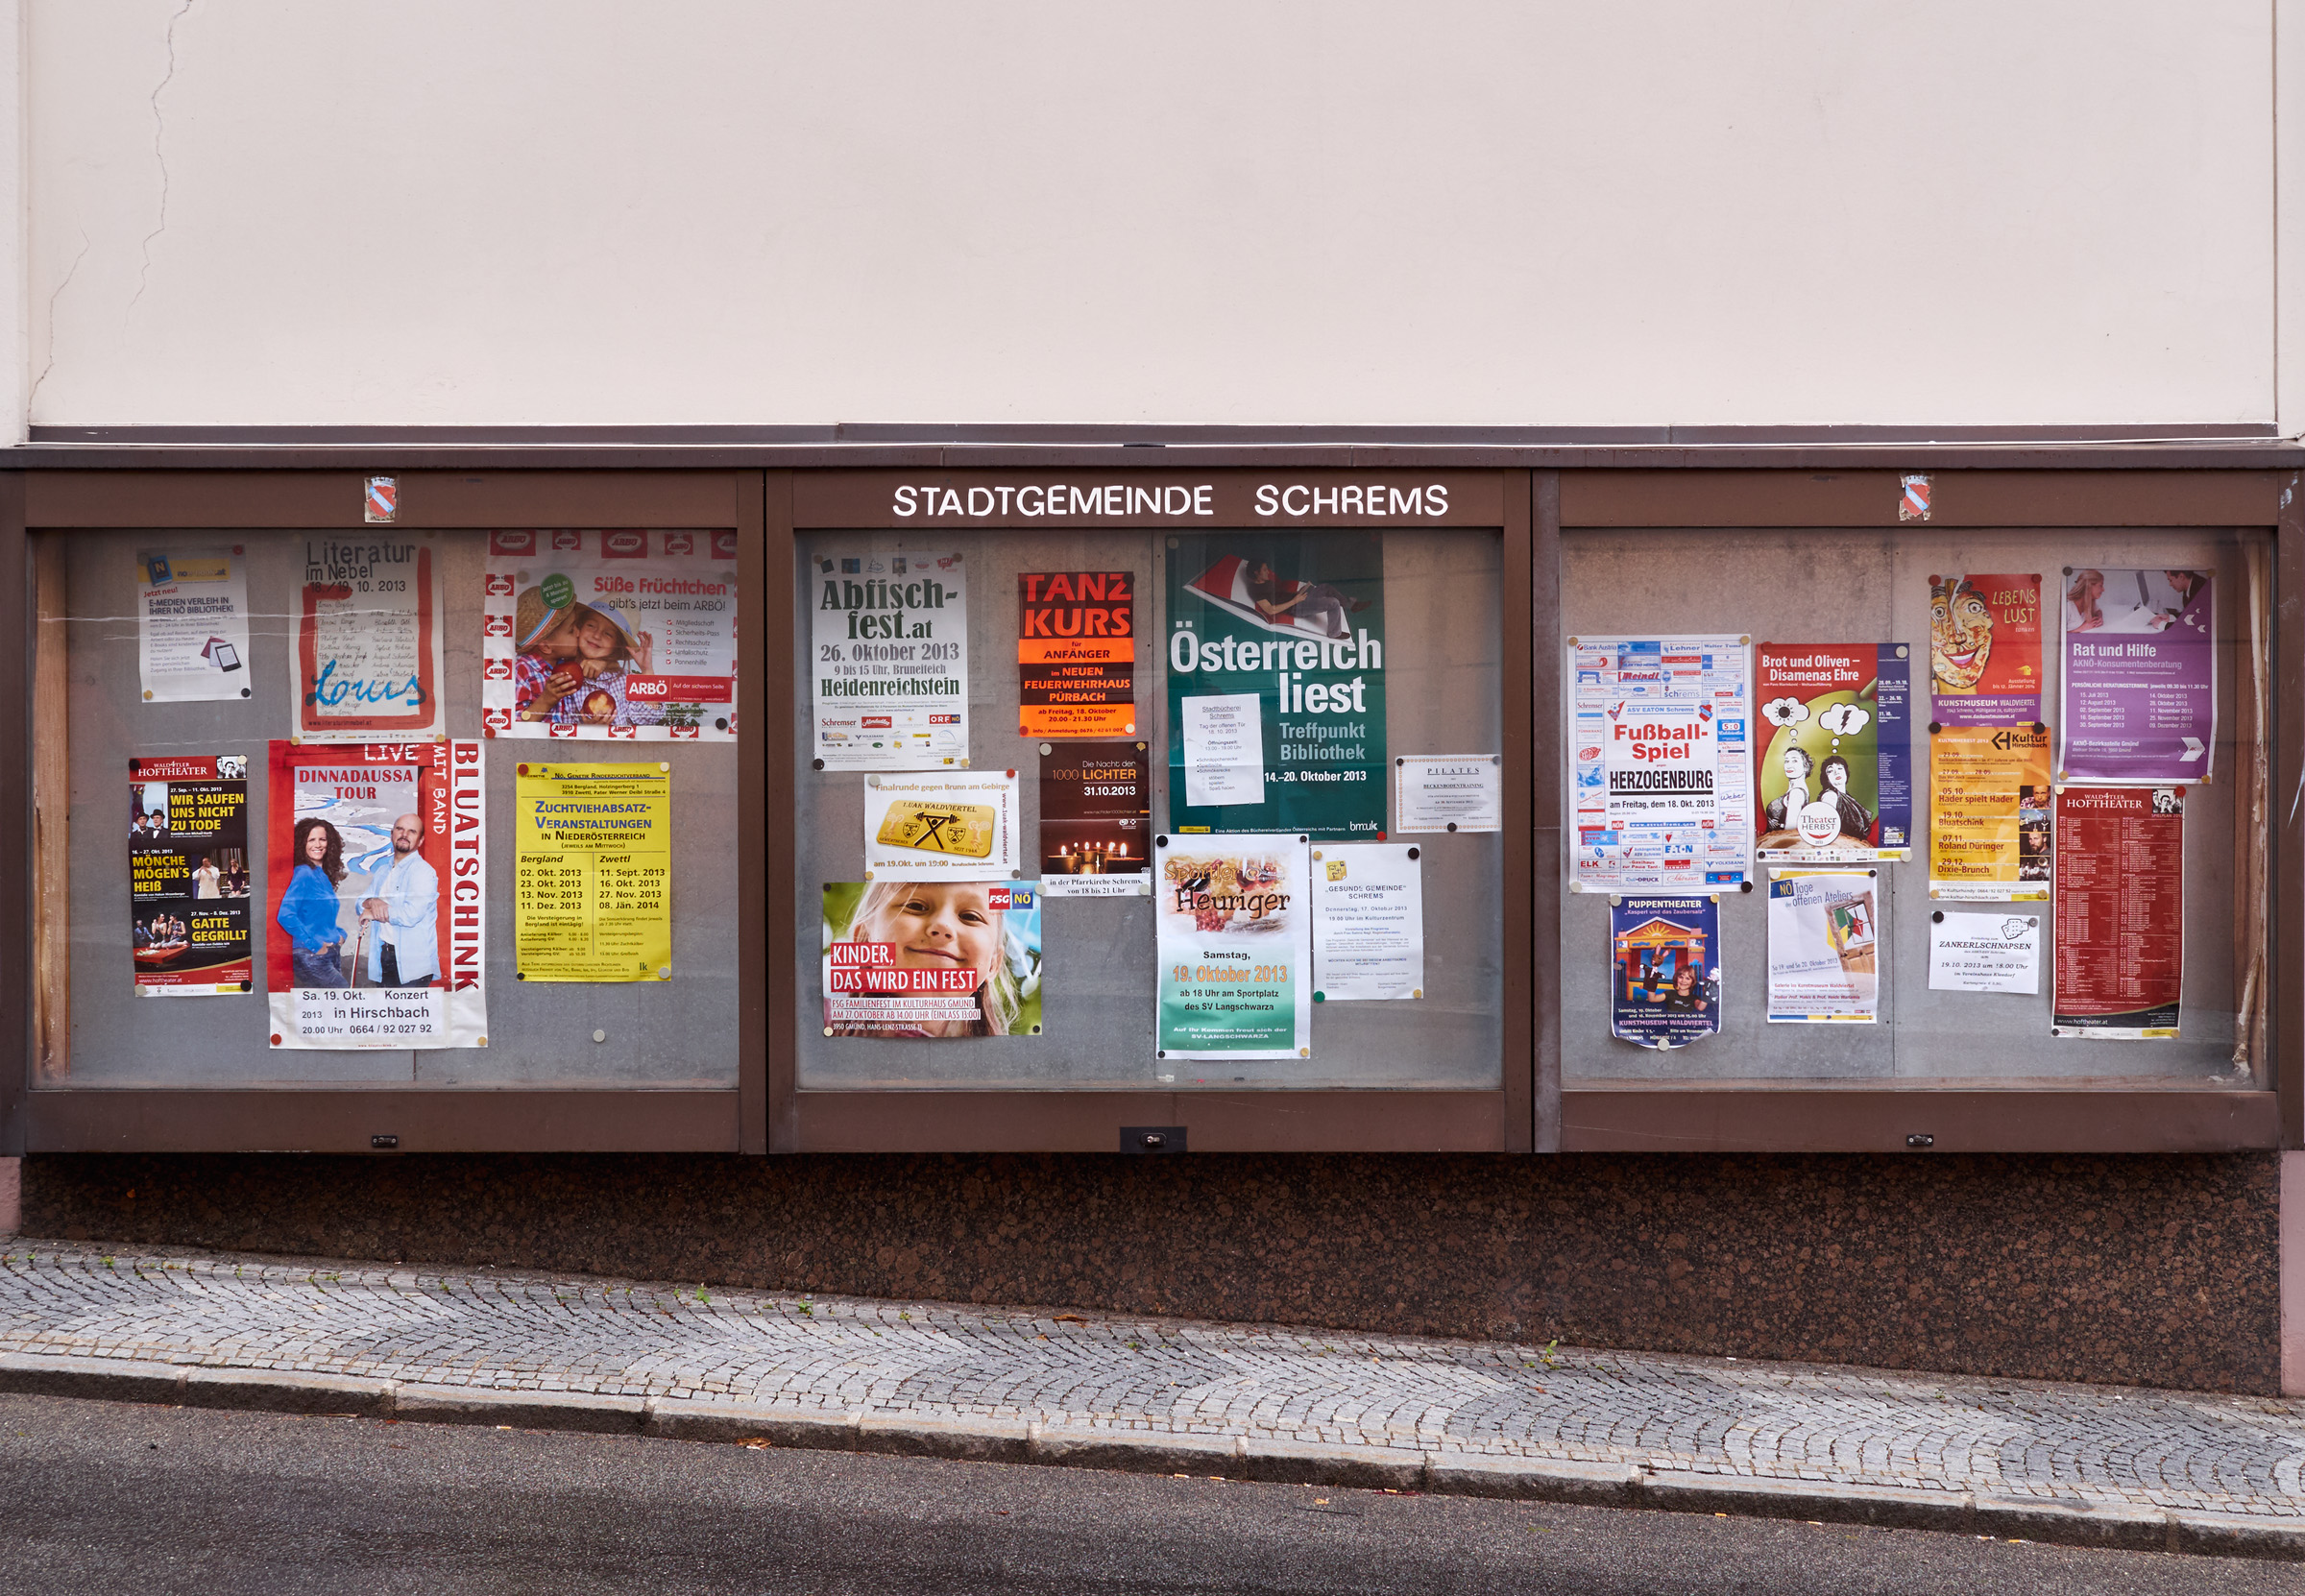 Schrems Josef-Widy-Straße nah 2013-10-16.jpg